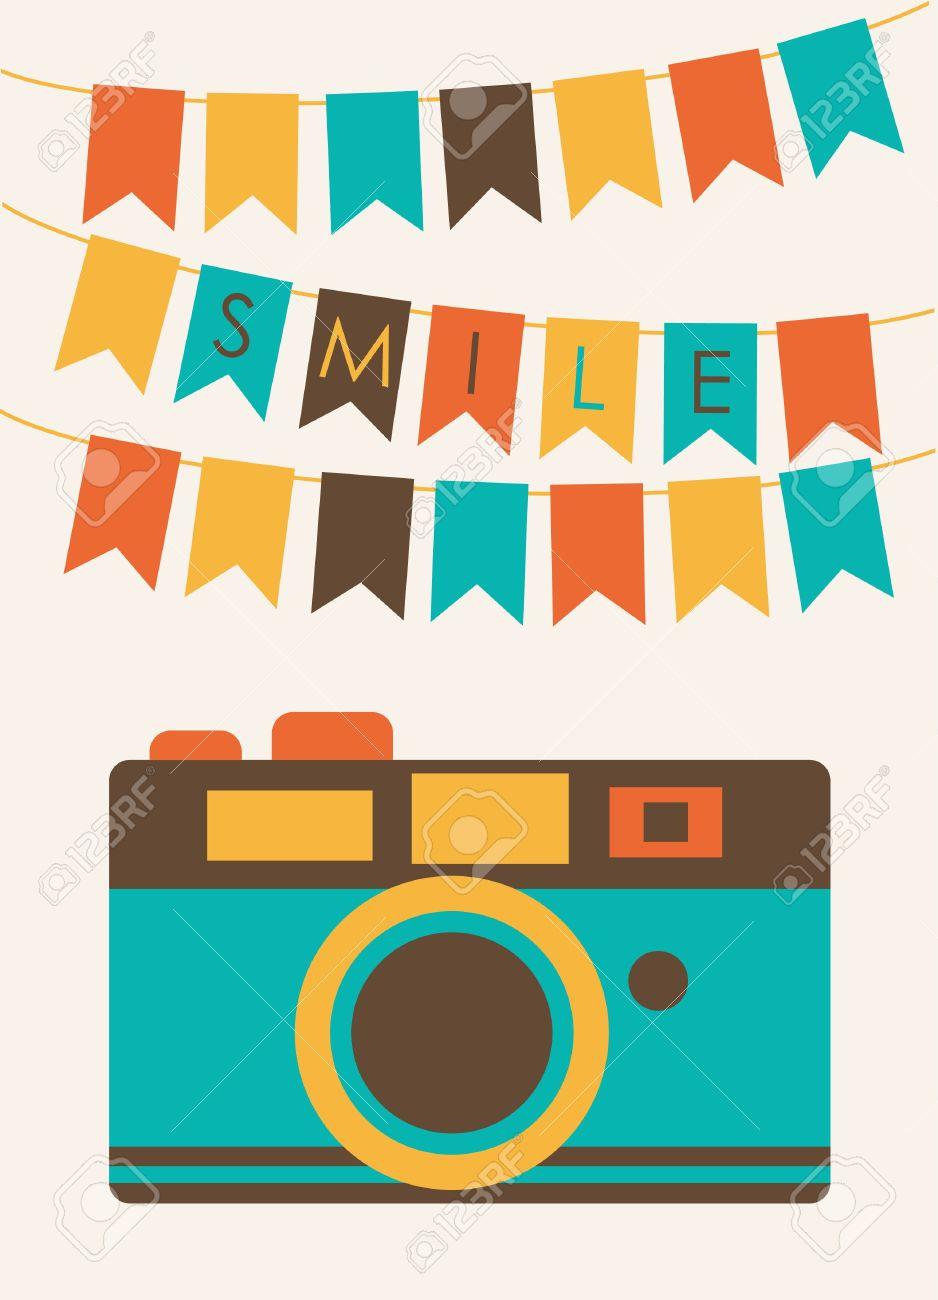 カメラ ベクトルのイラストがかわいいカード ロイヤリティフリー